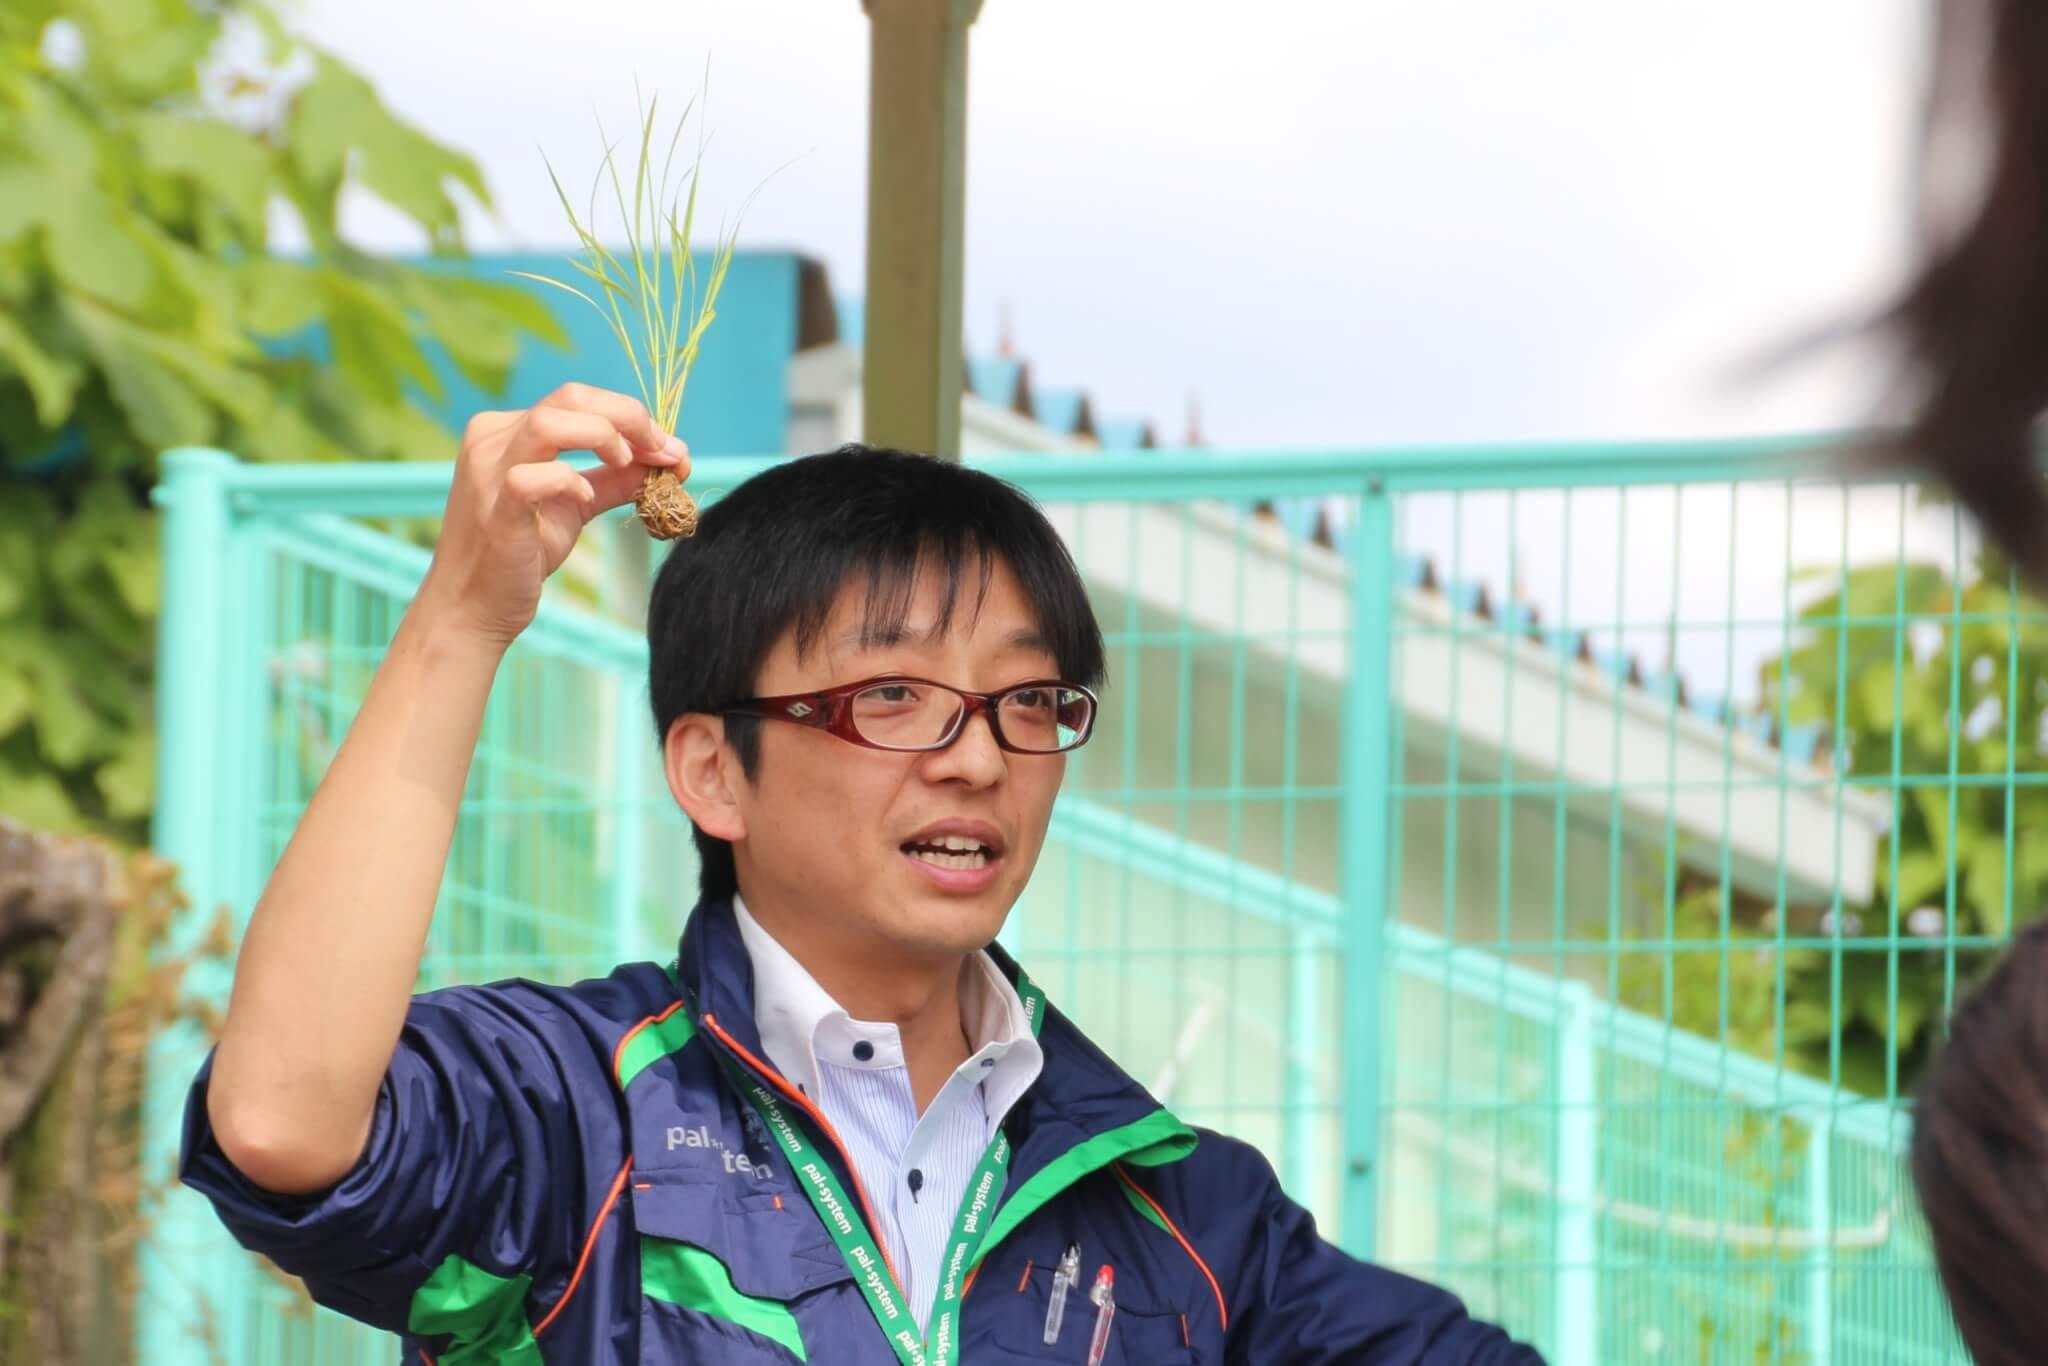 2017年度(平成29年度) パルシステム東京教育支援活動「お米の出前授業」実施校